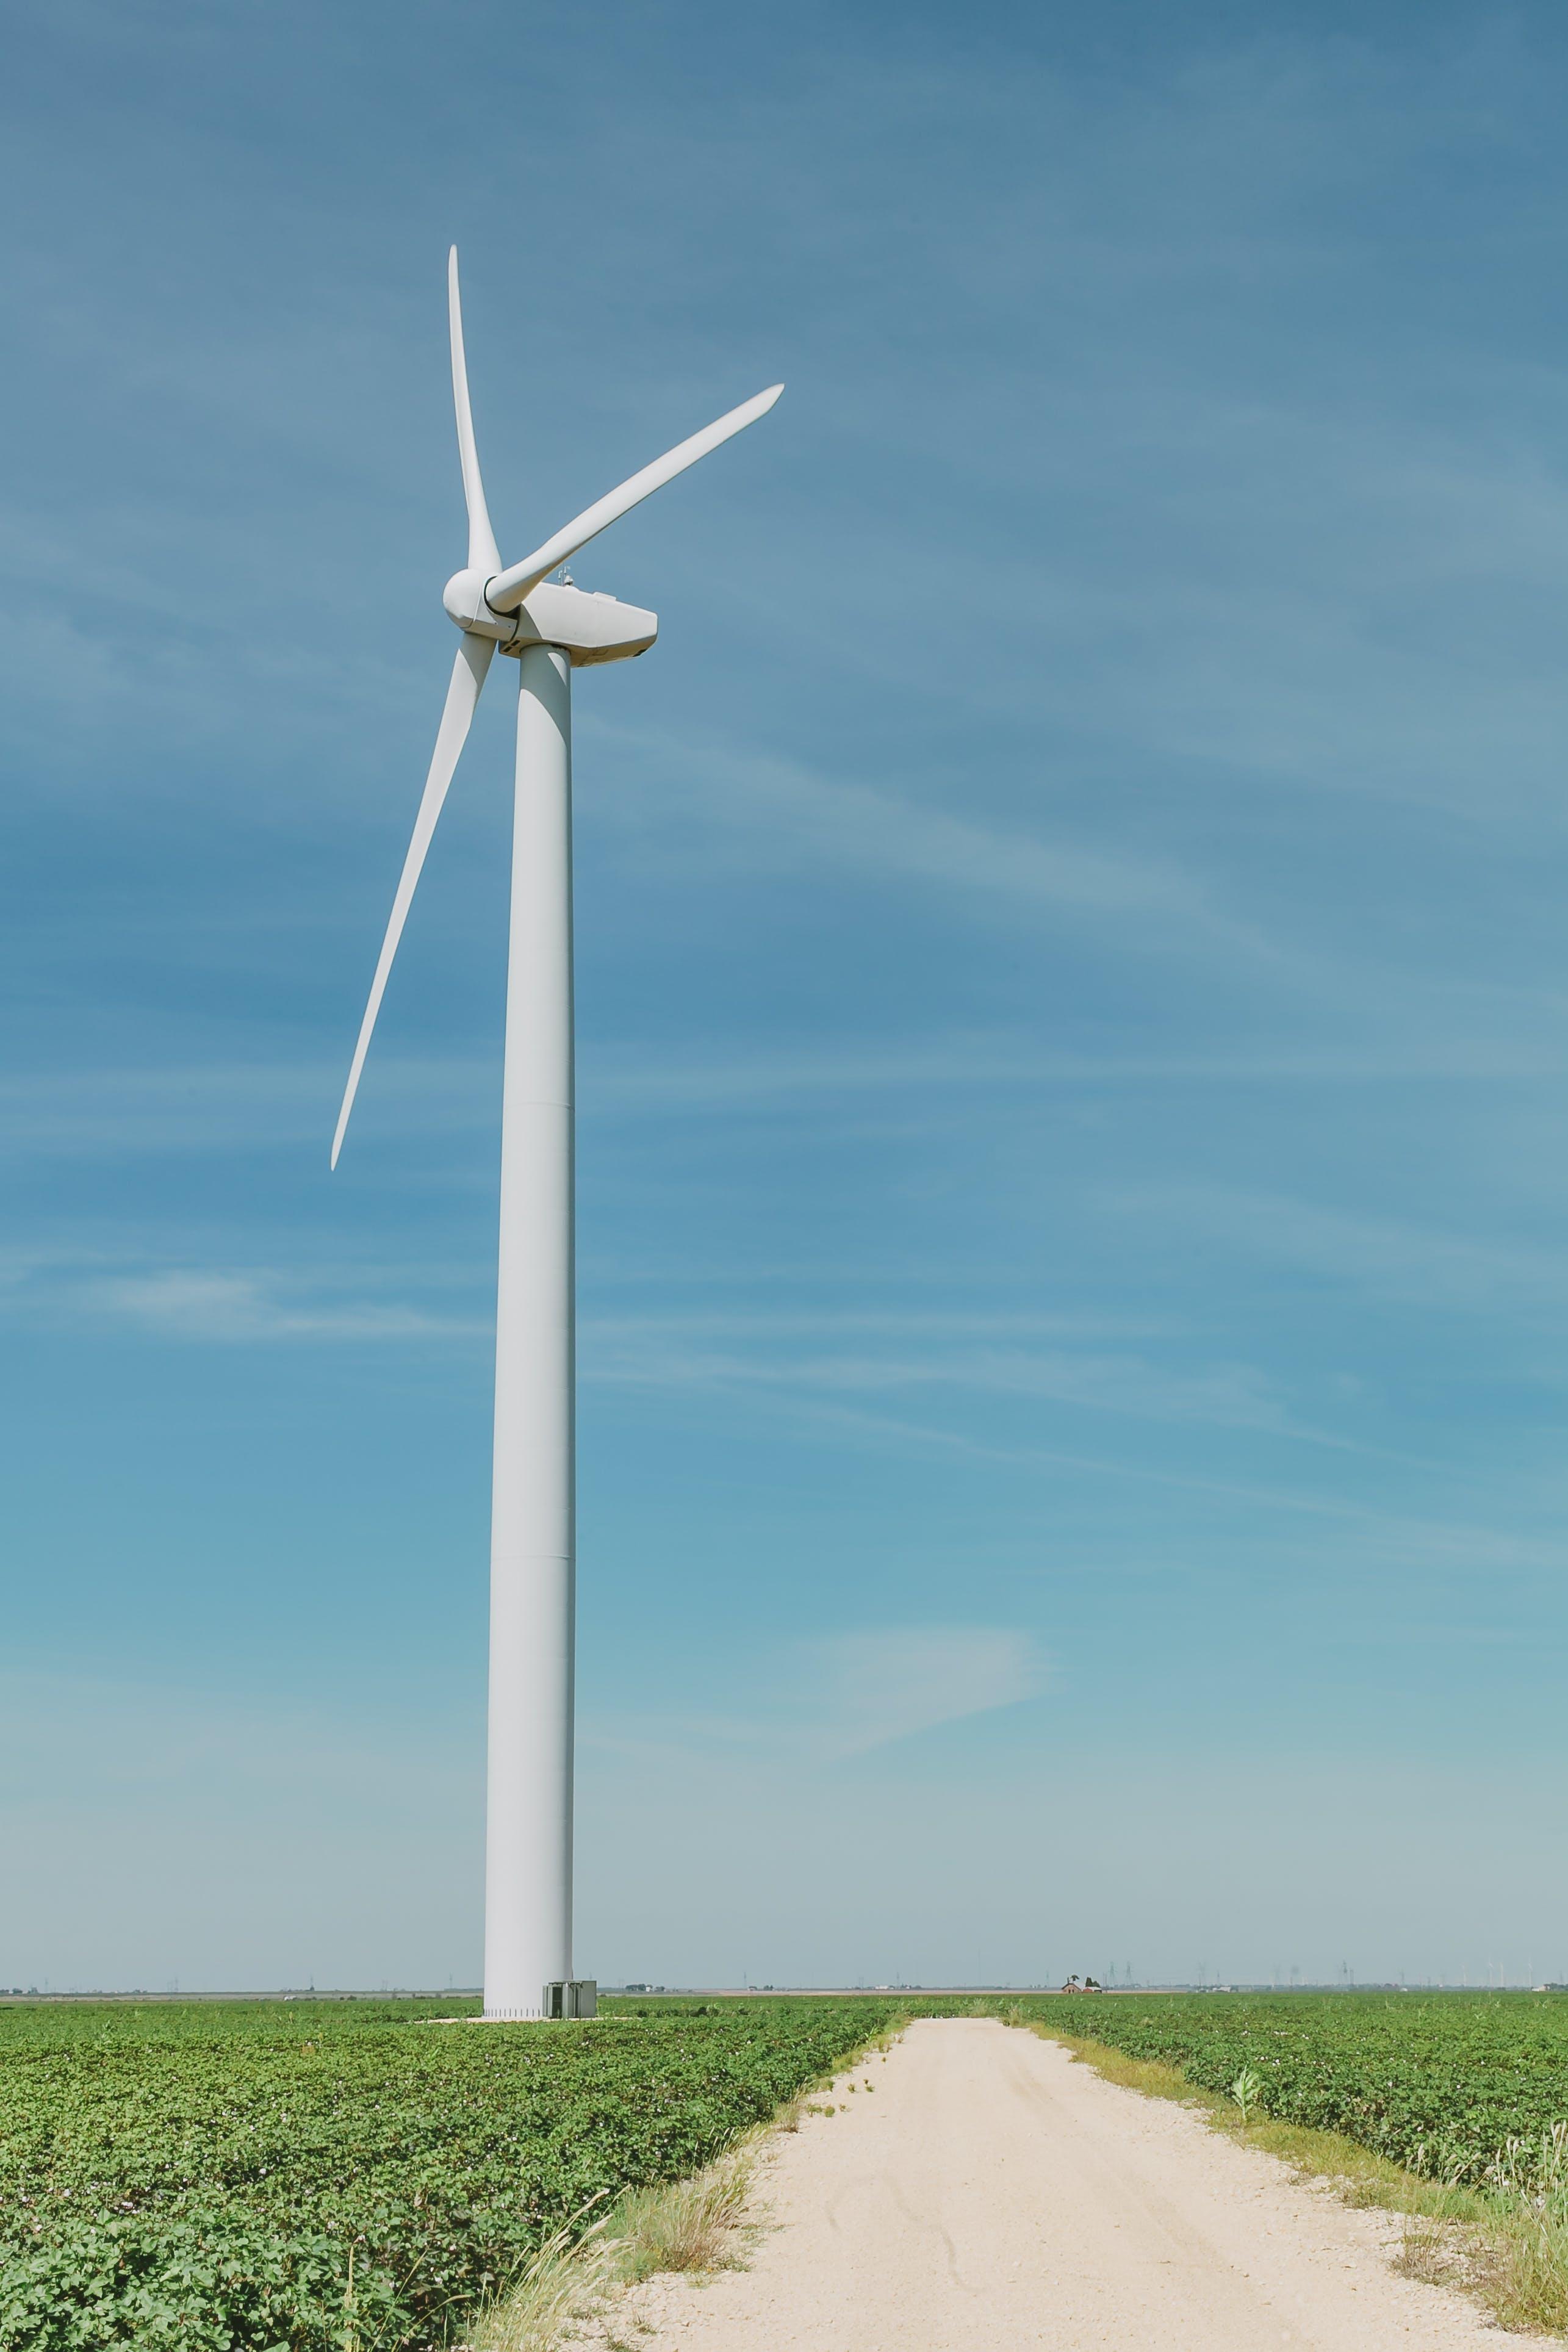 Безкоштовне стокове фото на тему «roscoe вітер ферми, альтернативна енергетика, відновлювана енергія, вітрова енергія»